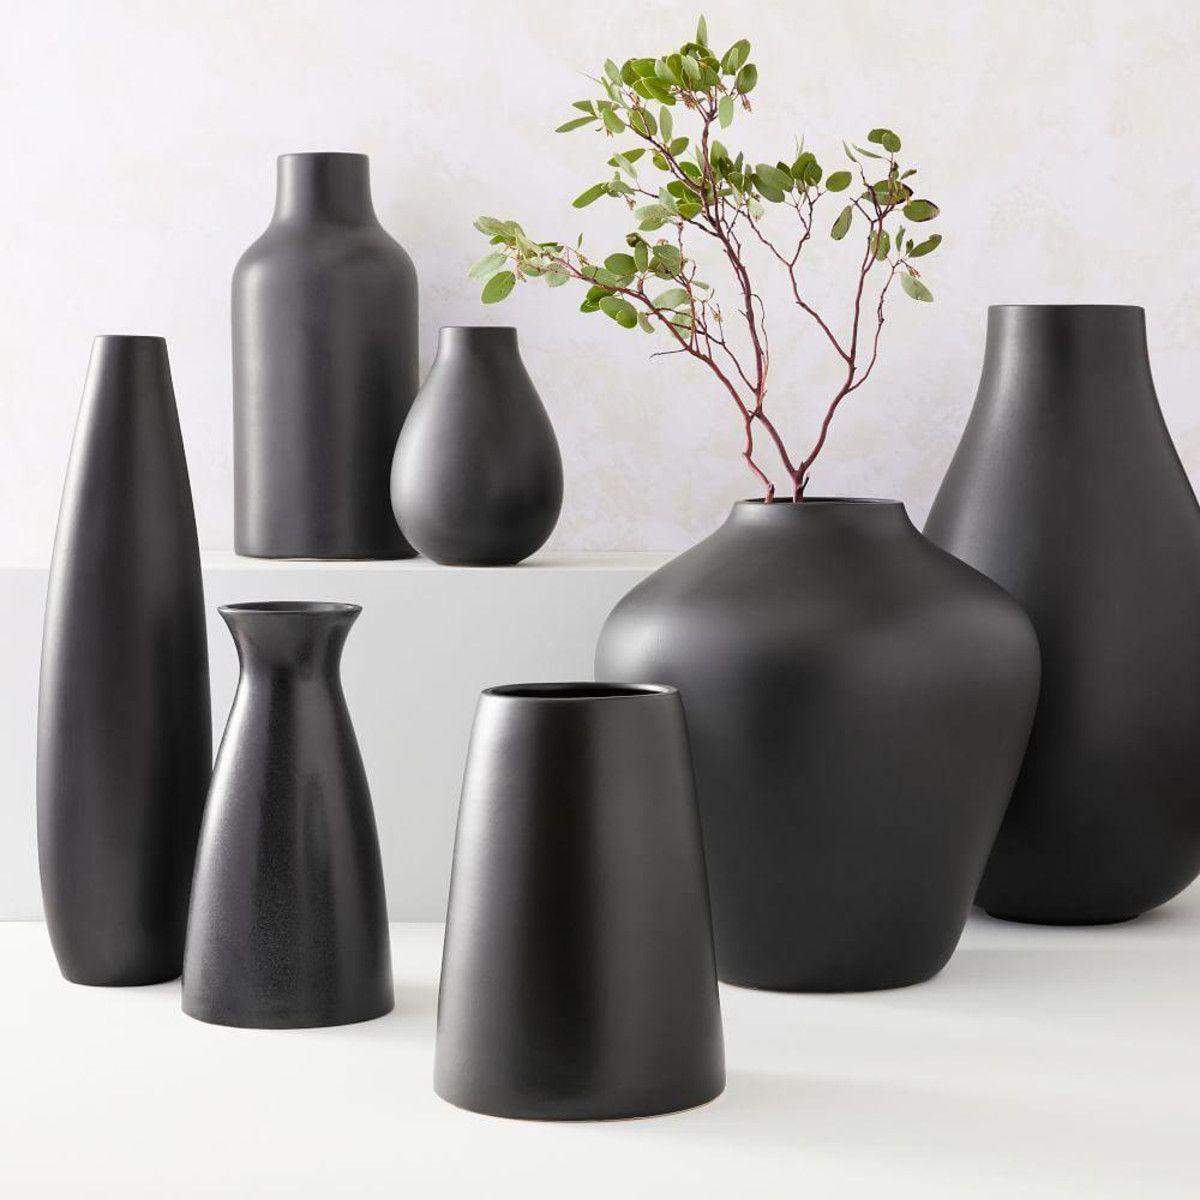 Pure Black Ceramic Vases In 2020 Pure Products Black Vase Vase